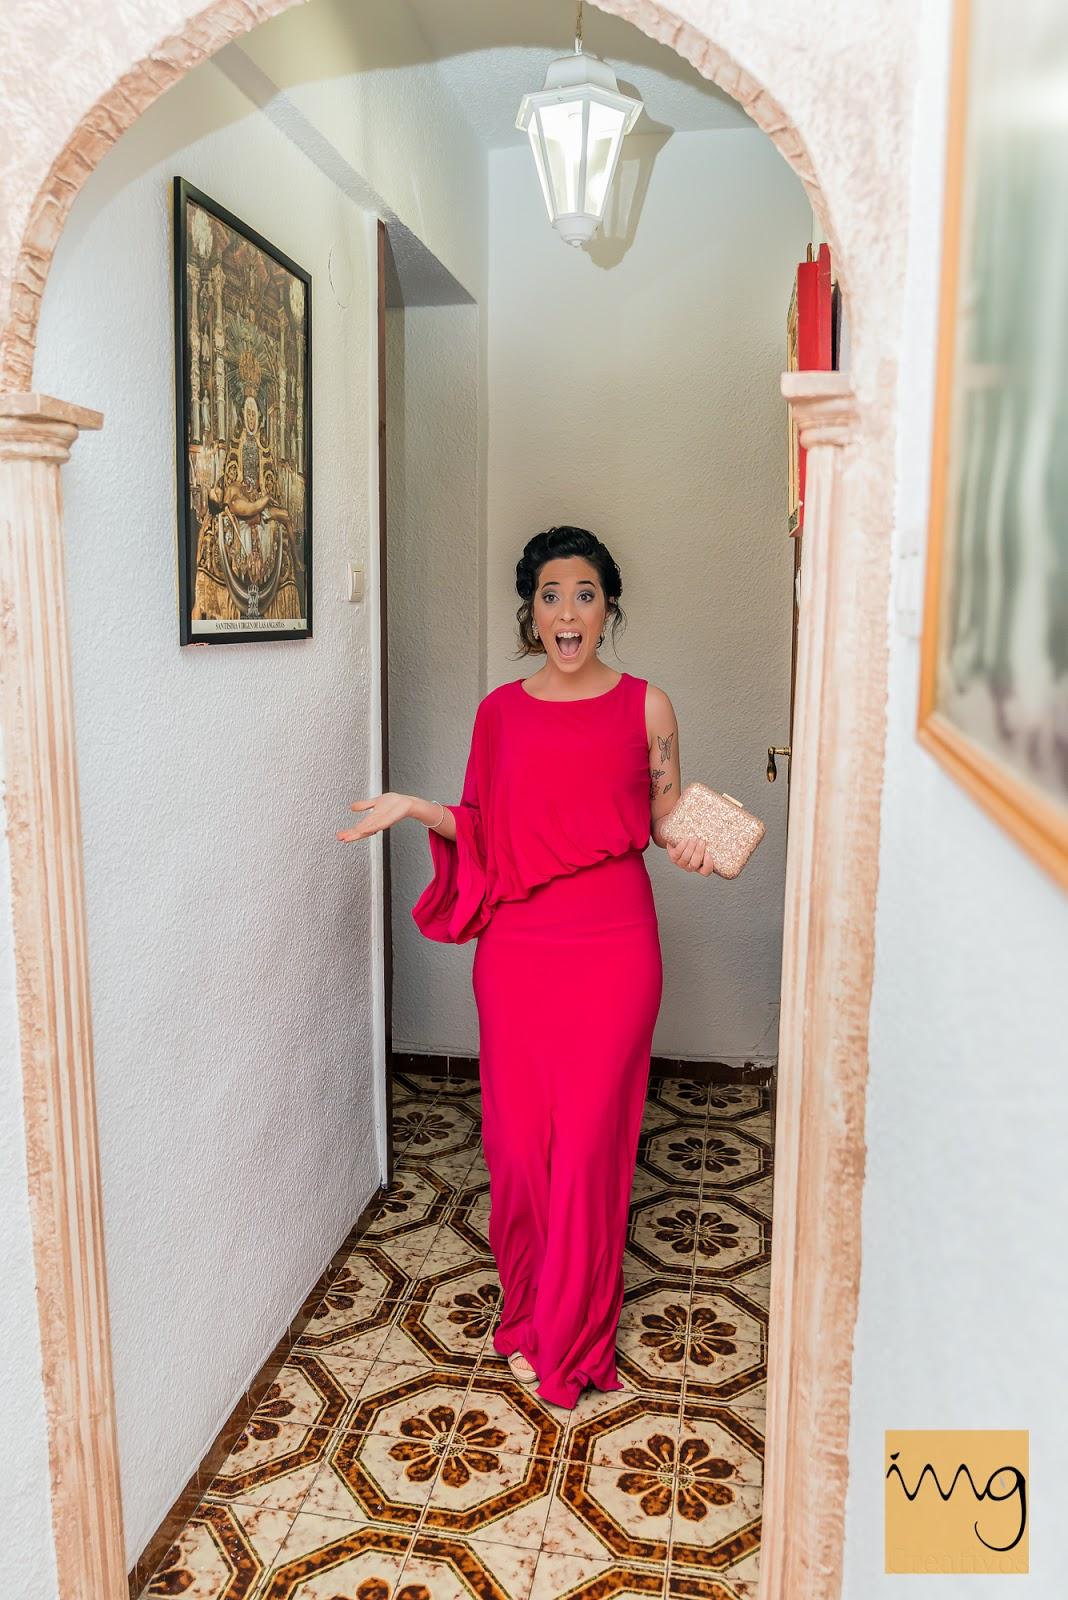 Fotografía del momento en el que la dama de honor ve a la novia